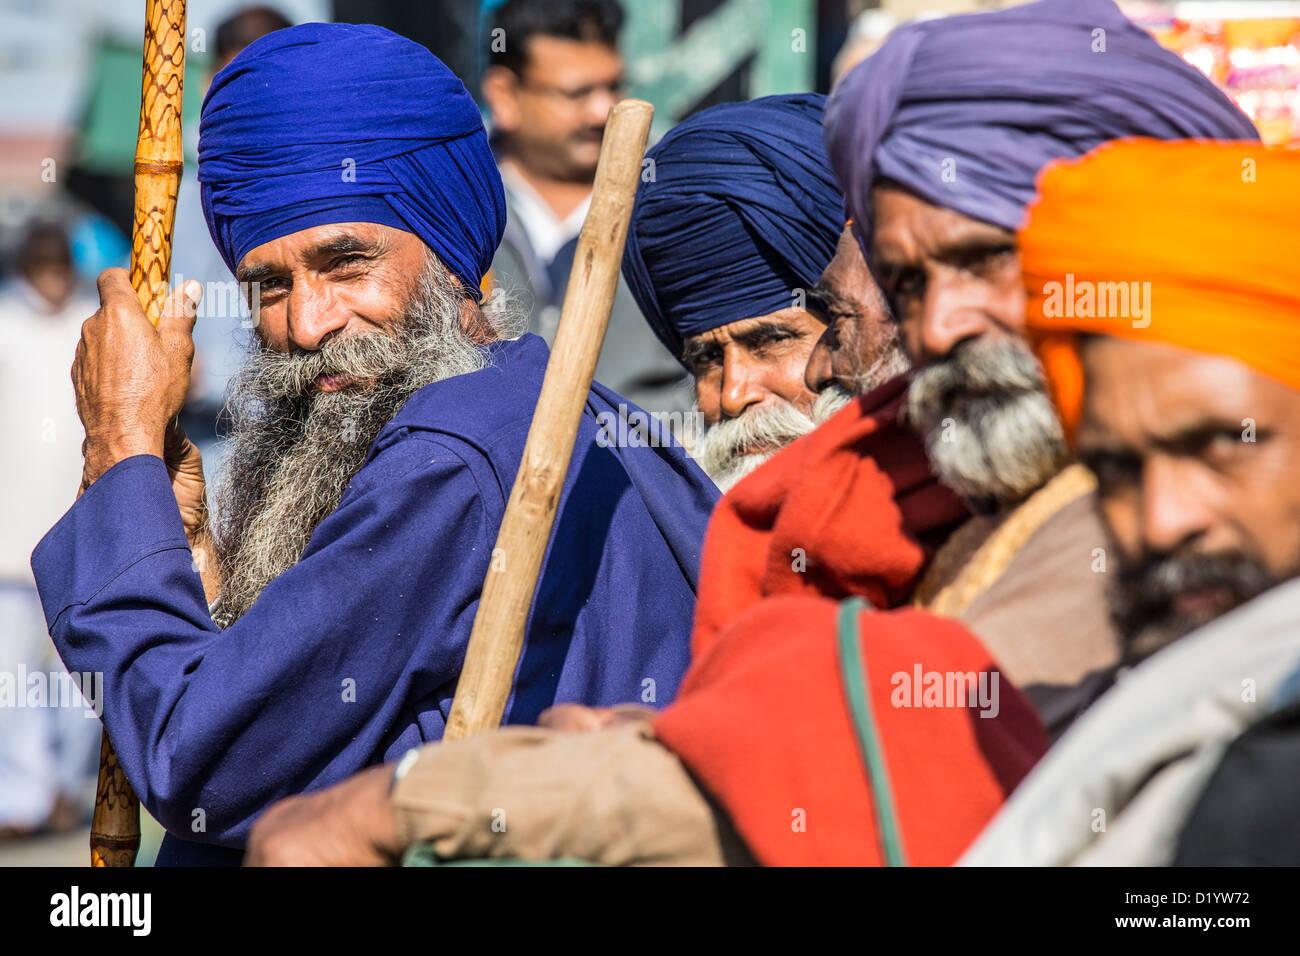 Gli uomini di religione sikh di Delhi, India Immagini Stock